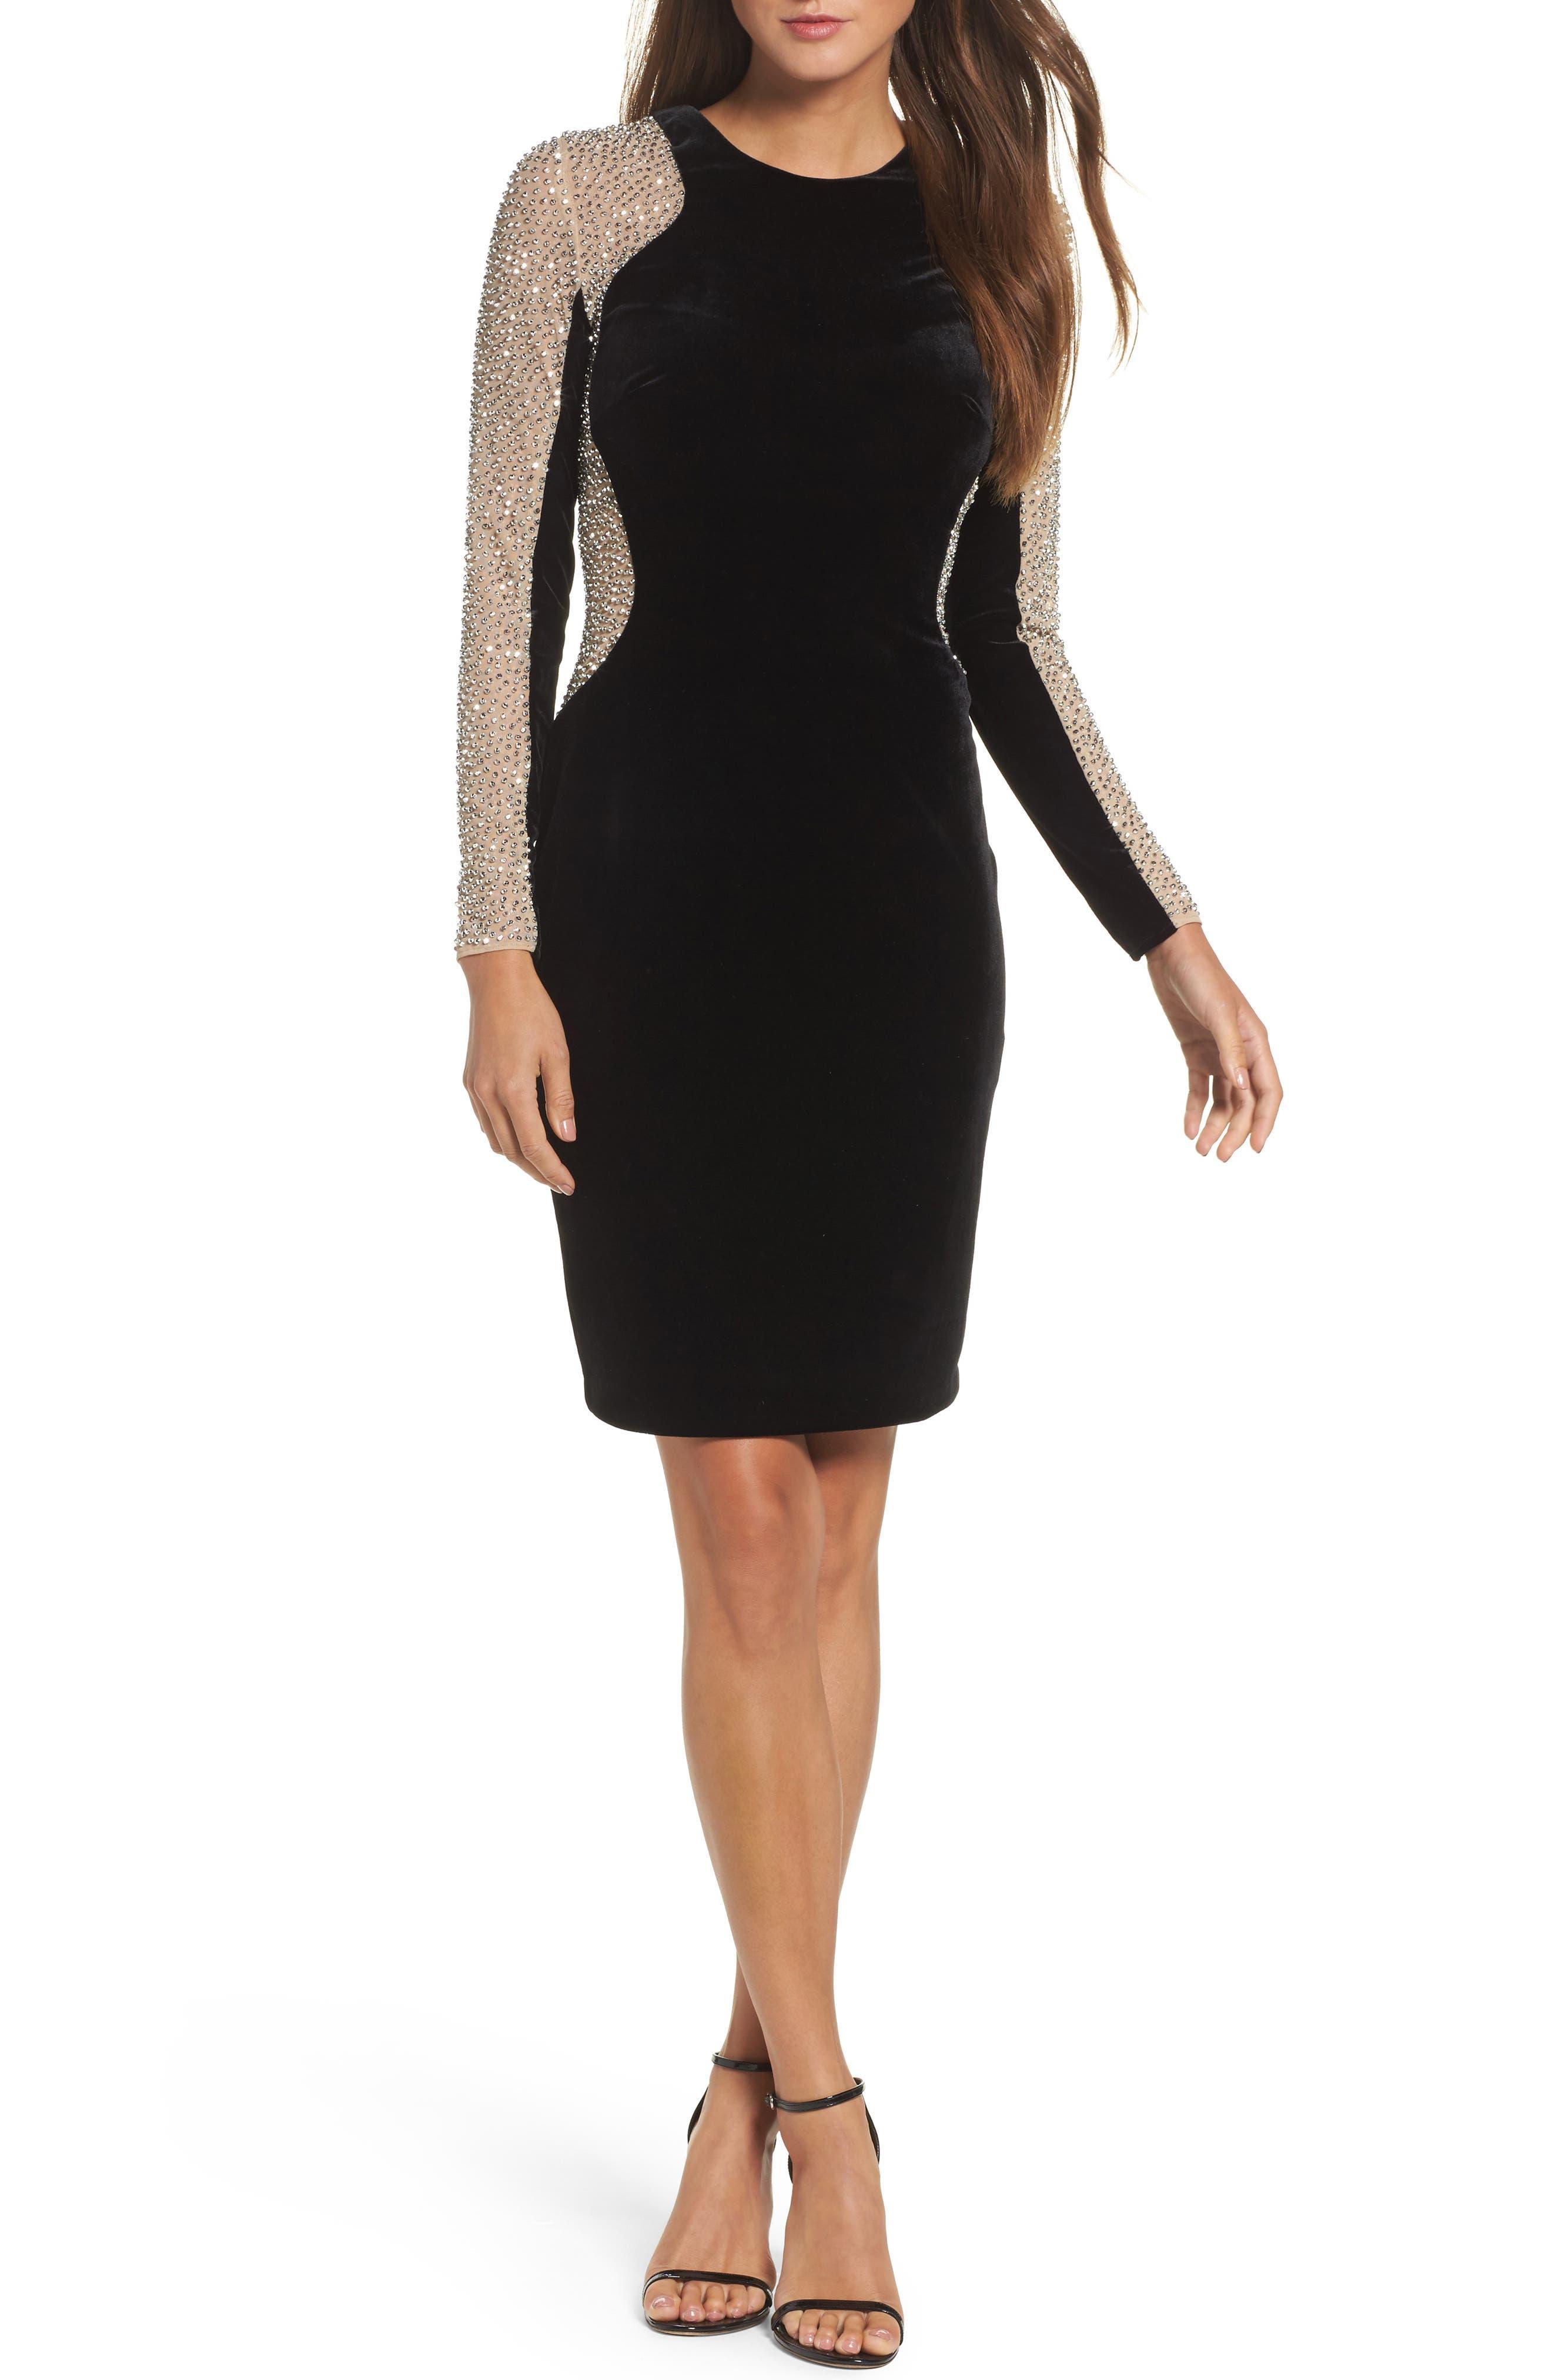 Caviar Bead Mesh Velvet Body-Con Dress,                             Main thumbnail 1, color,                             BLACK/ NUDE/ SILVER